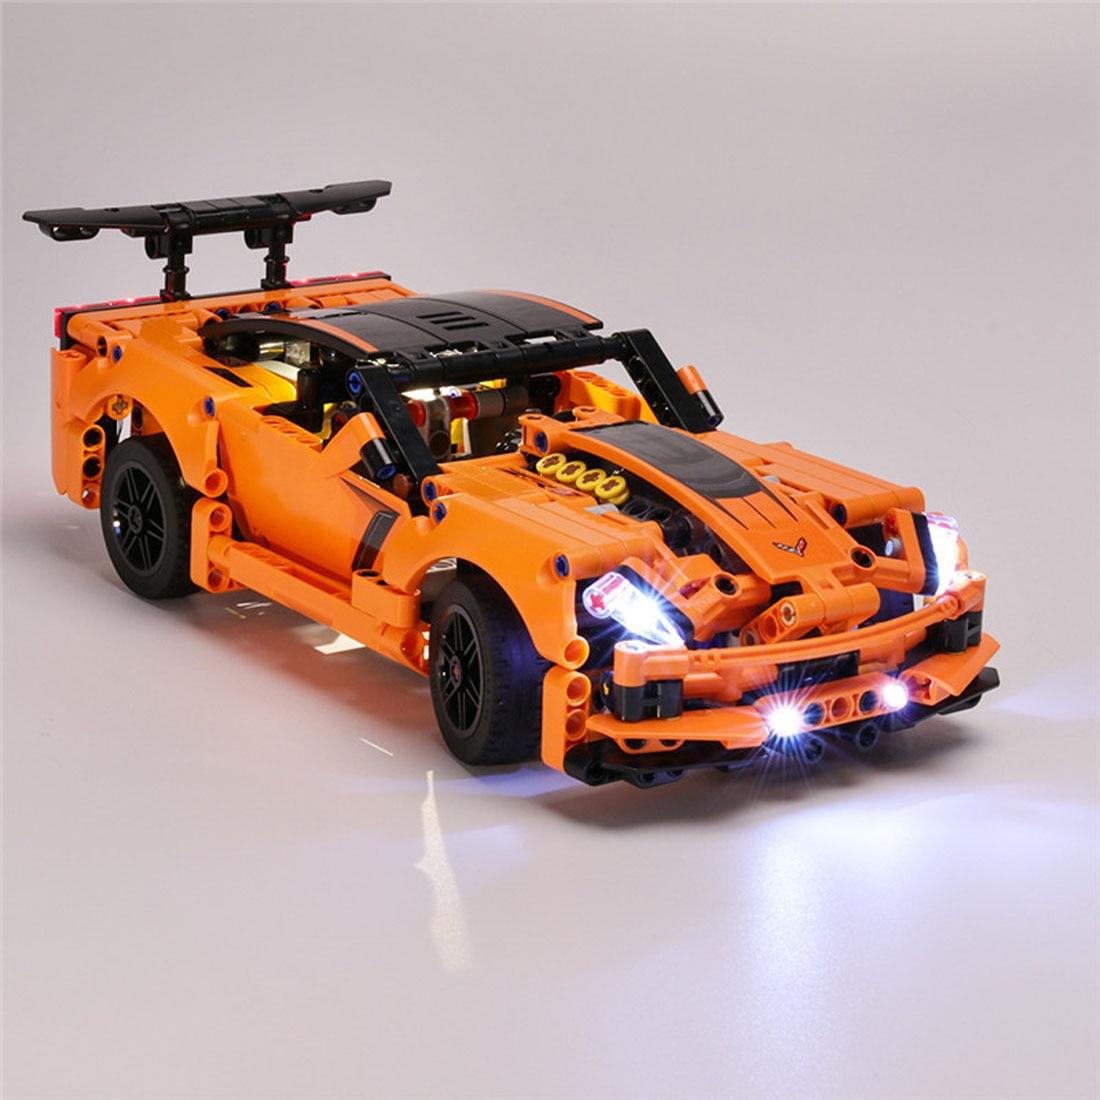 Juguete de partículas pequeñas, bloques de construcción LED, Kit de accesorios de luz USB para ZR1 42093, regalo de la serie de bloques de coche Super naranja, 42093